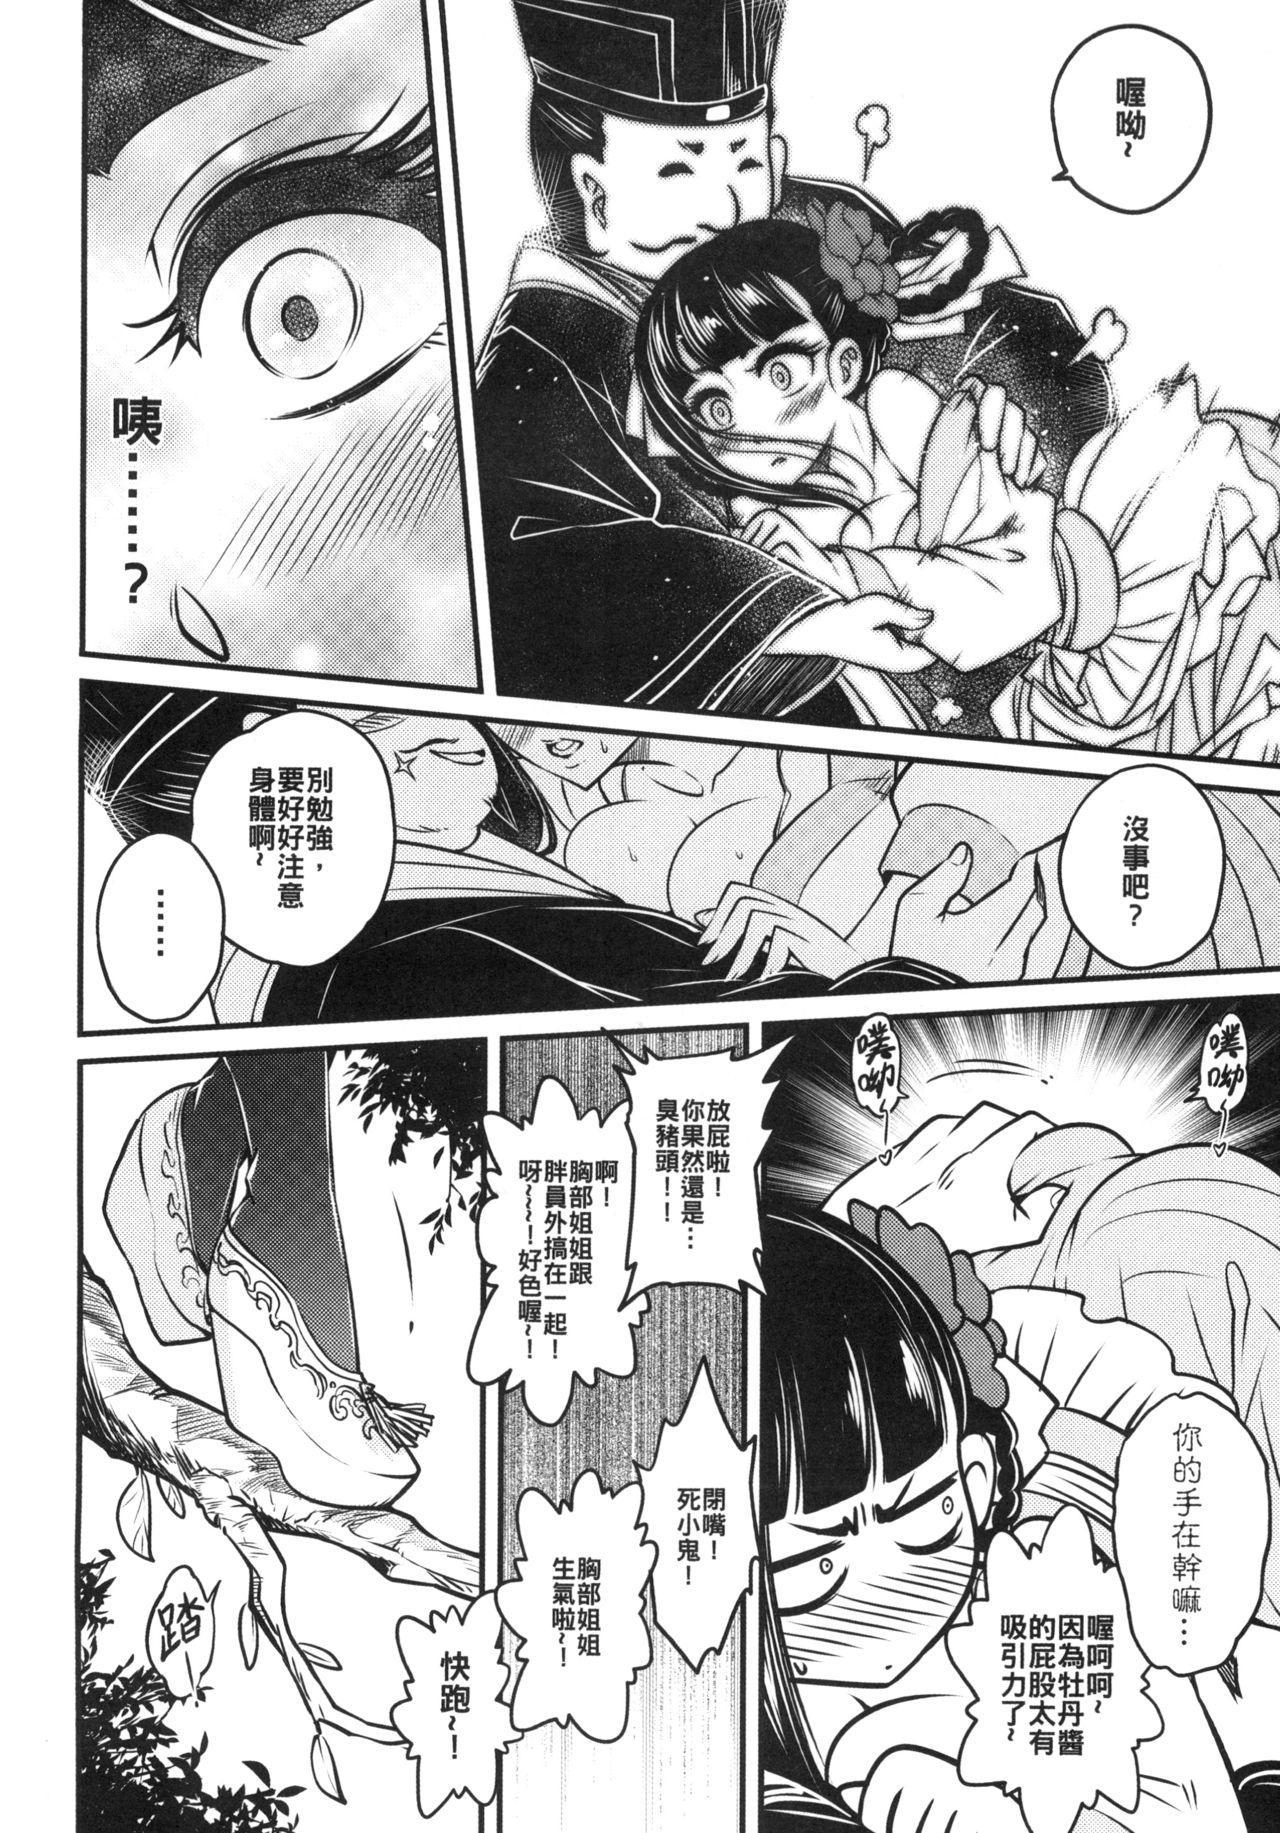 Hyakkasou3 《Hekigan rasetsu no gyakushuu》 23